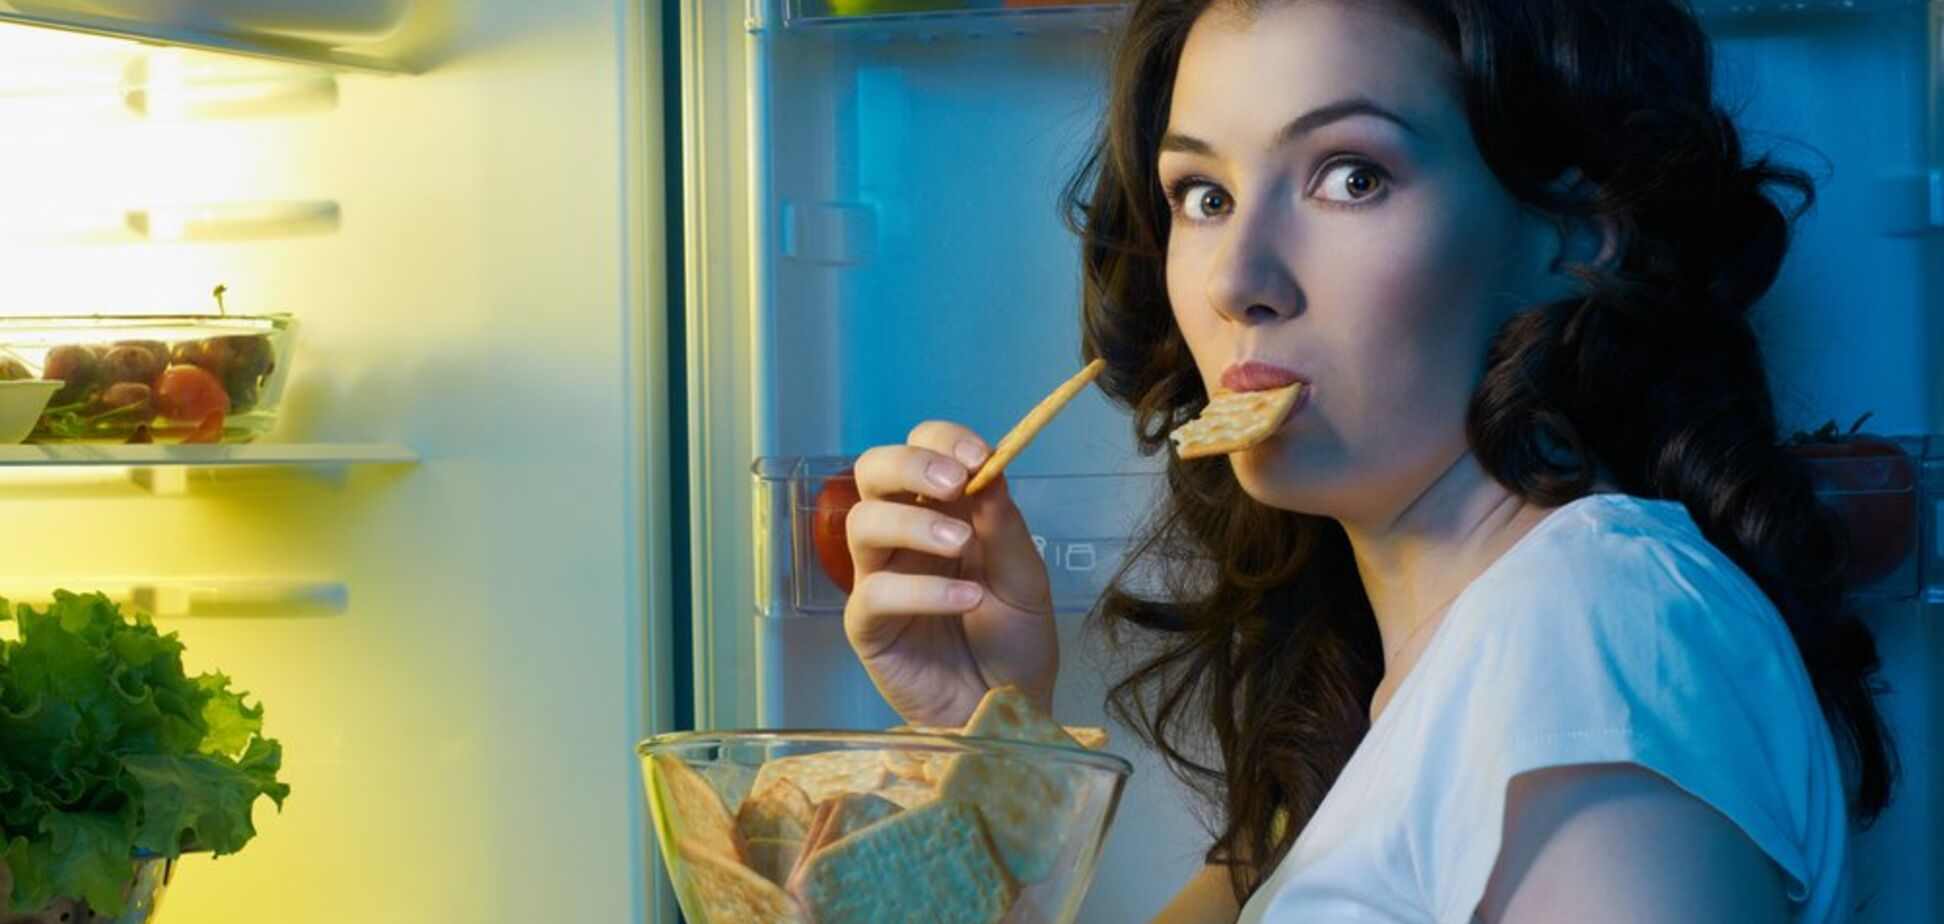 Типы нарушений пищевого поведения: найдите свой